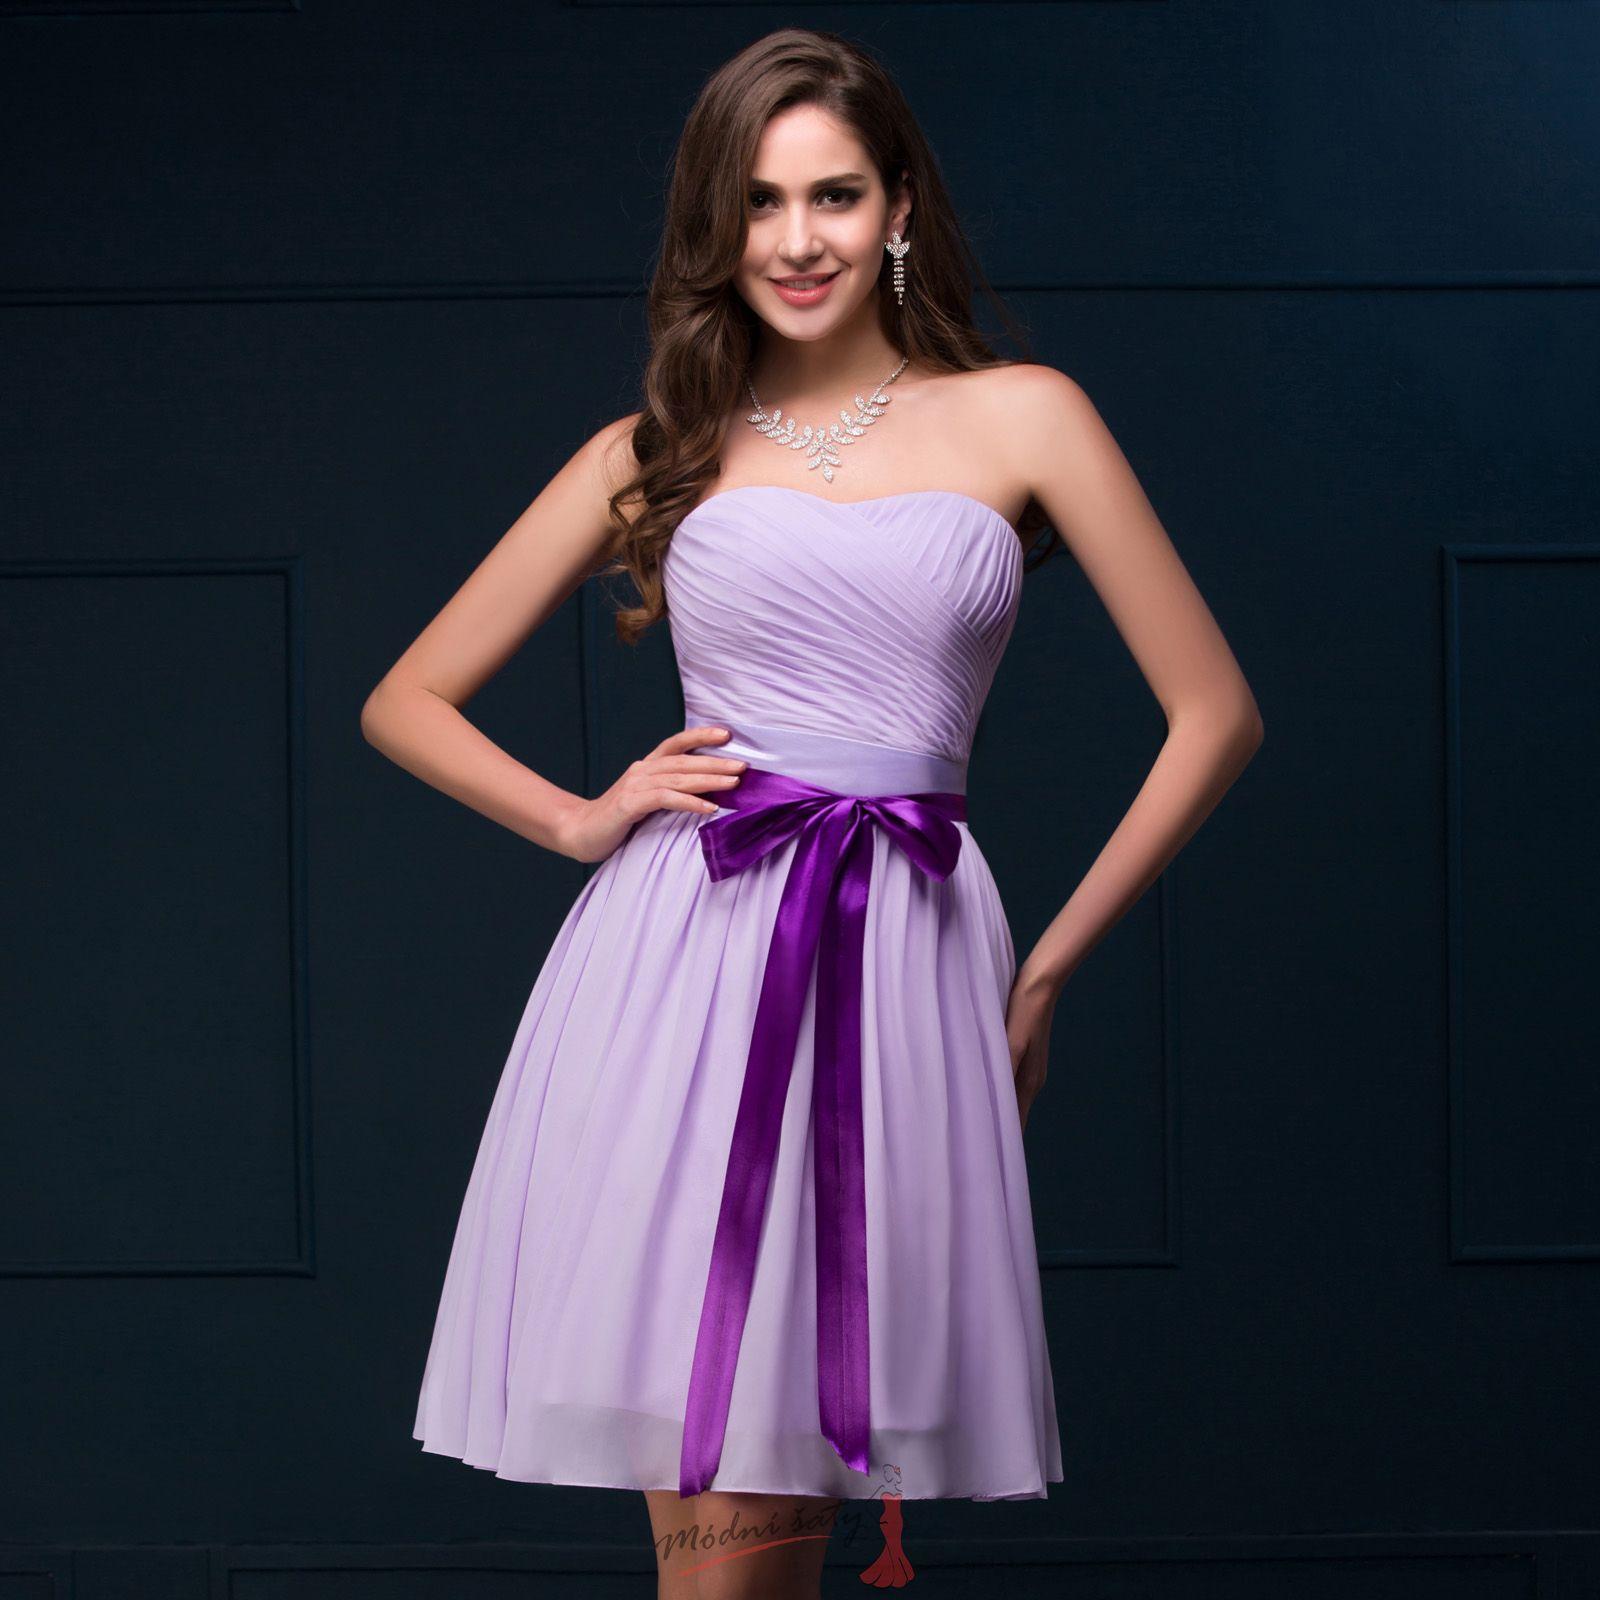 2a94cdddd134 Luxusní lila šaty pro svědkyni